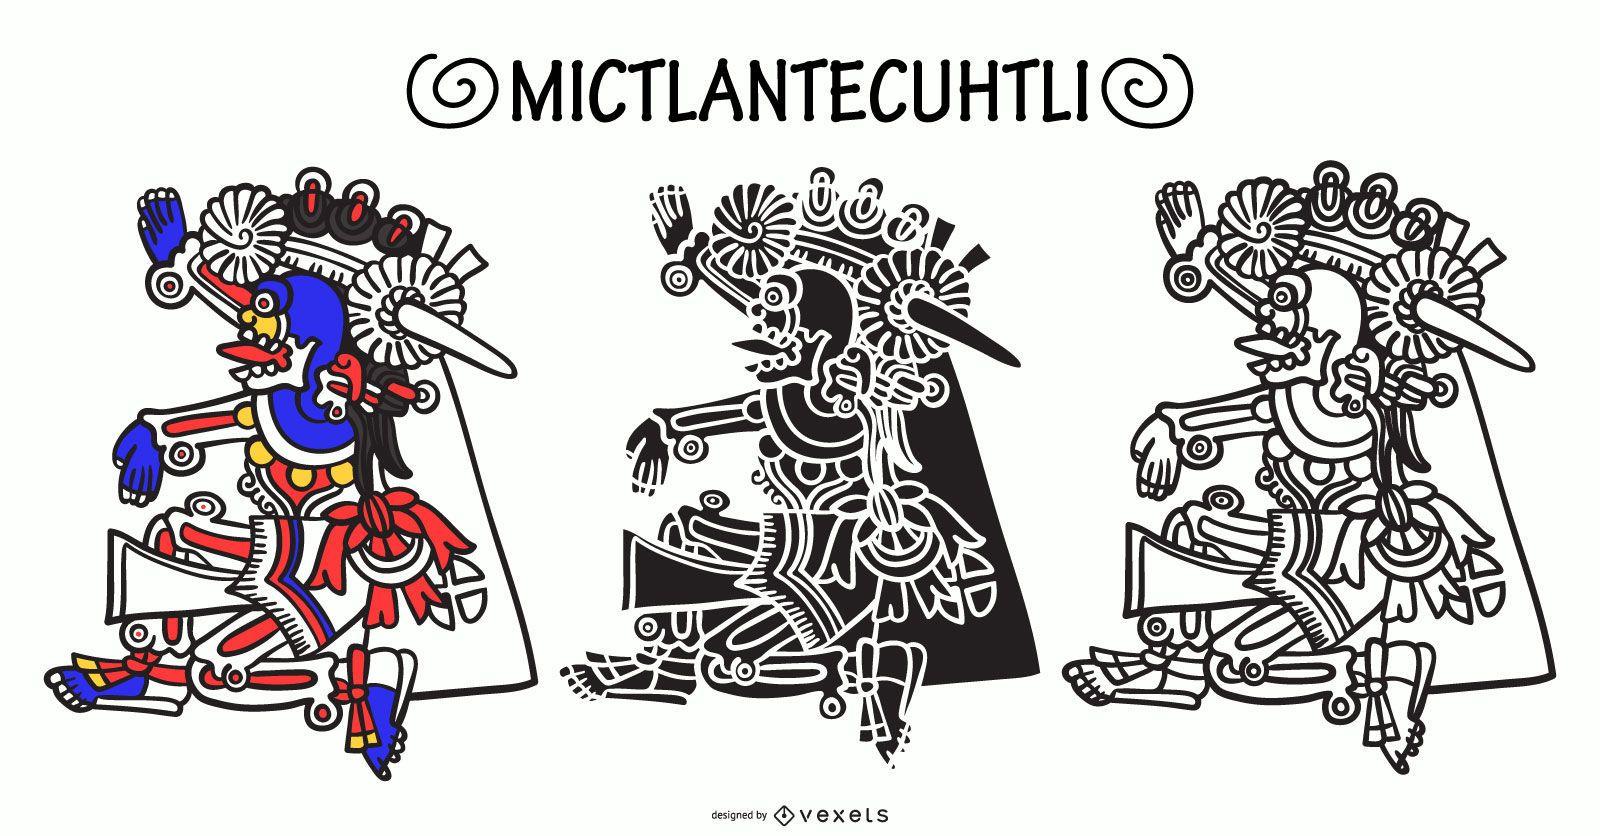 Conjunto de vectores de dios azteca mictlantecuhtli